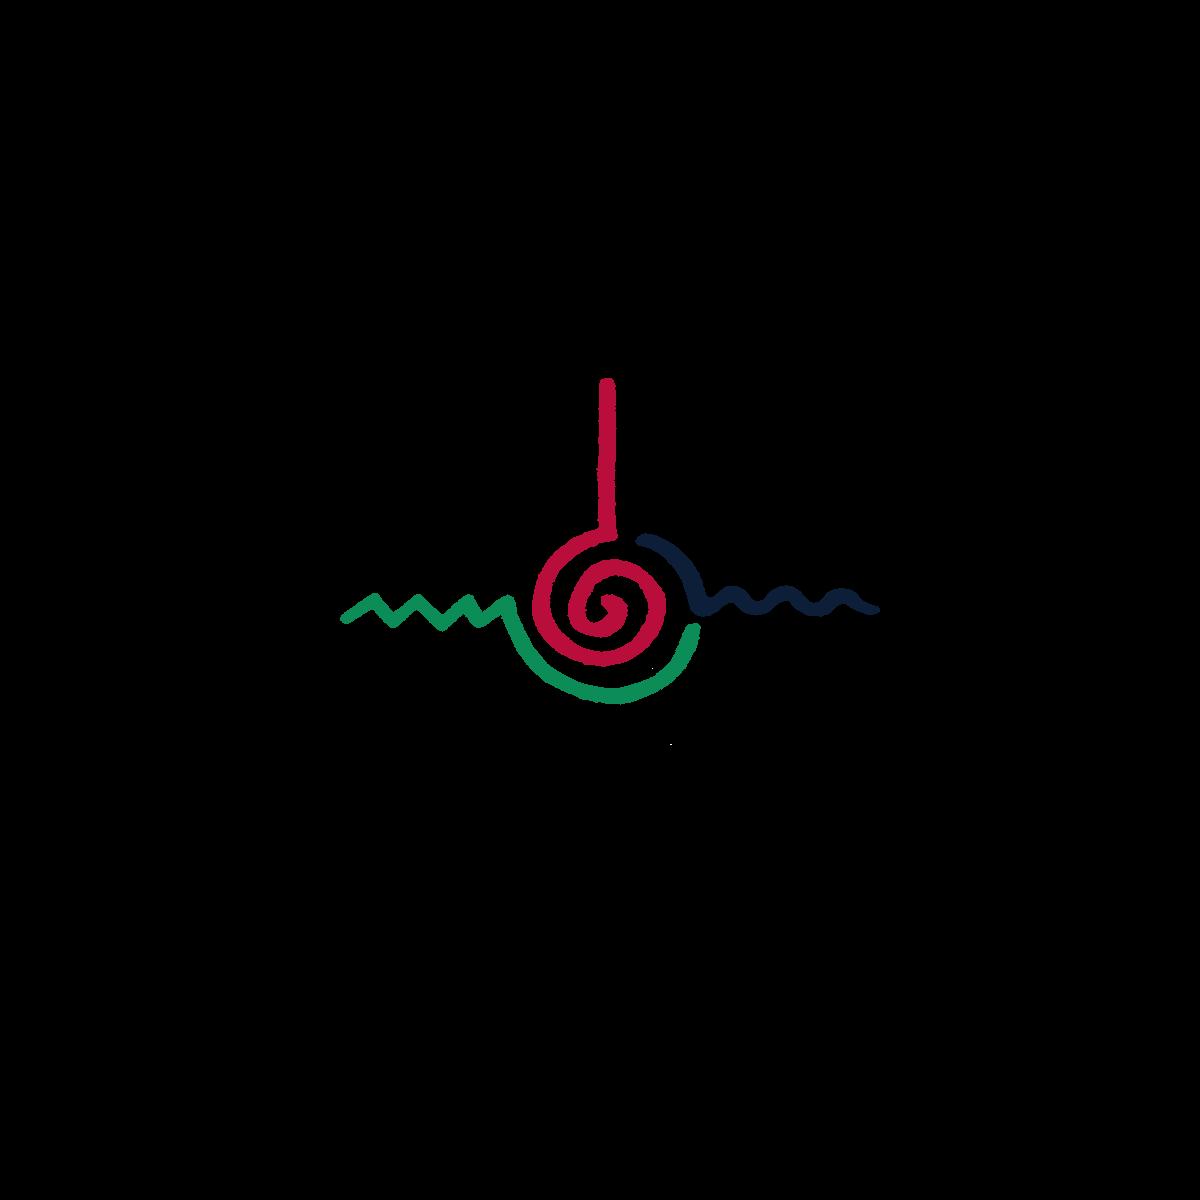 intermar-marketing-corporate-design-burda-akademie-zum-dritten-jahrtausend-logo.png